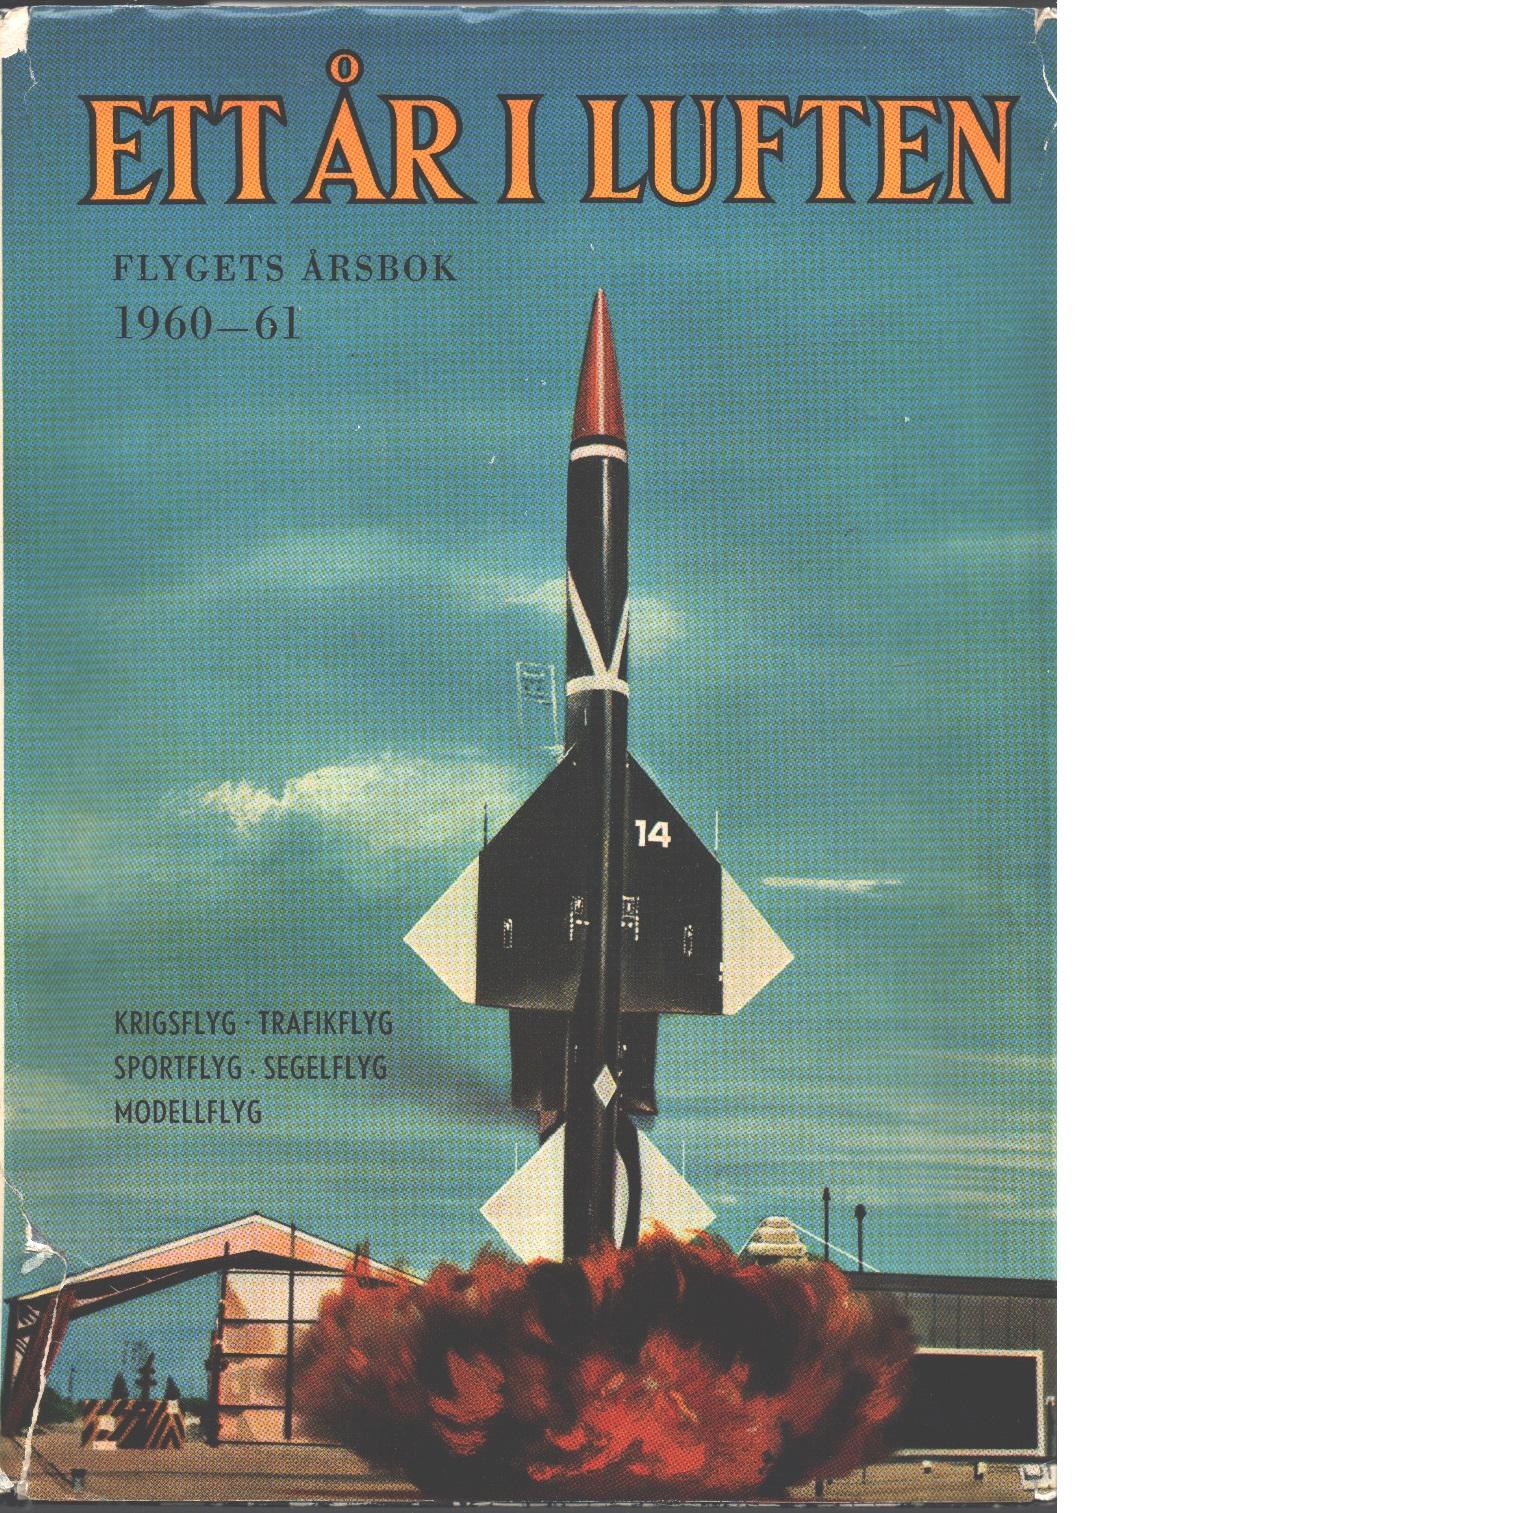 Ett år i luften - Flygets årsbok 1960-61 / Krigsflyg / Trafikflyg / Sportflyg / Segelflg / Modellflyg - Red.